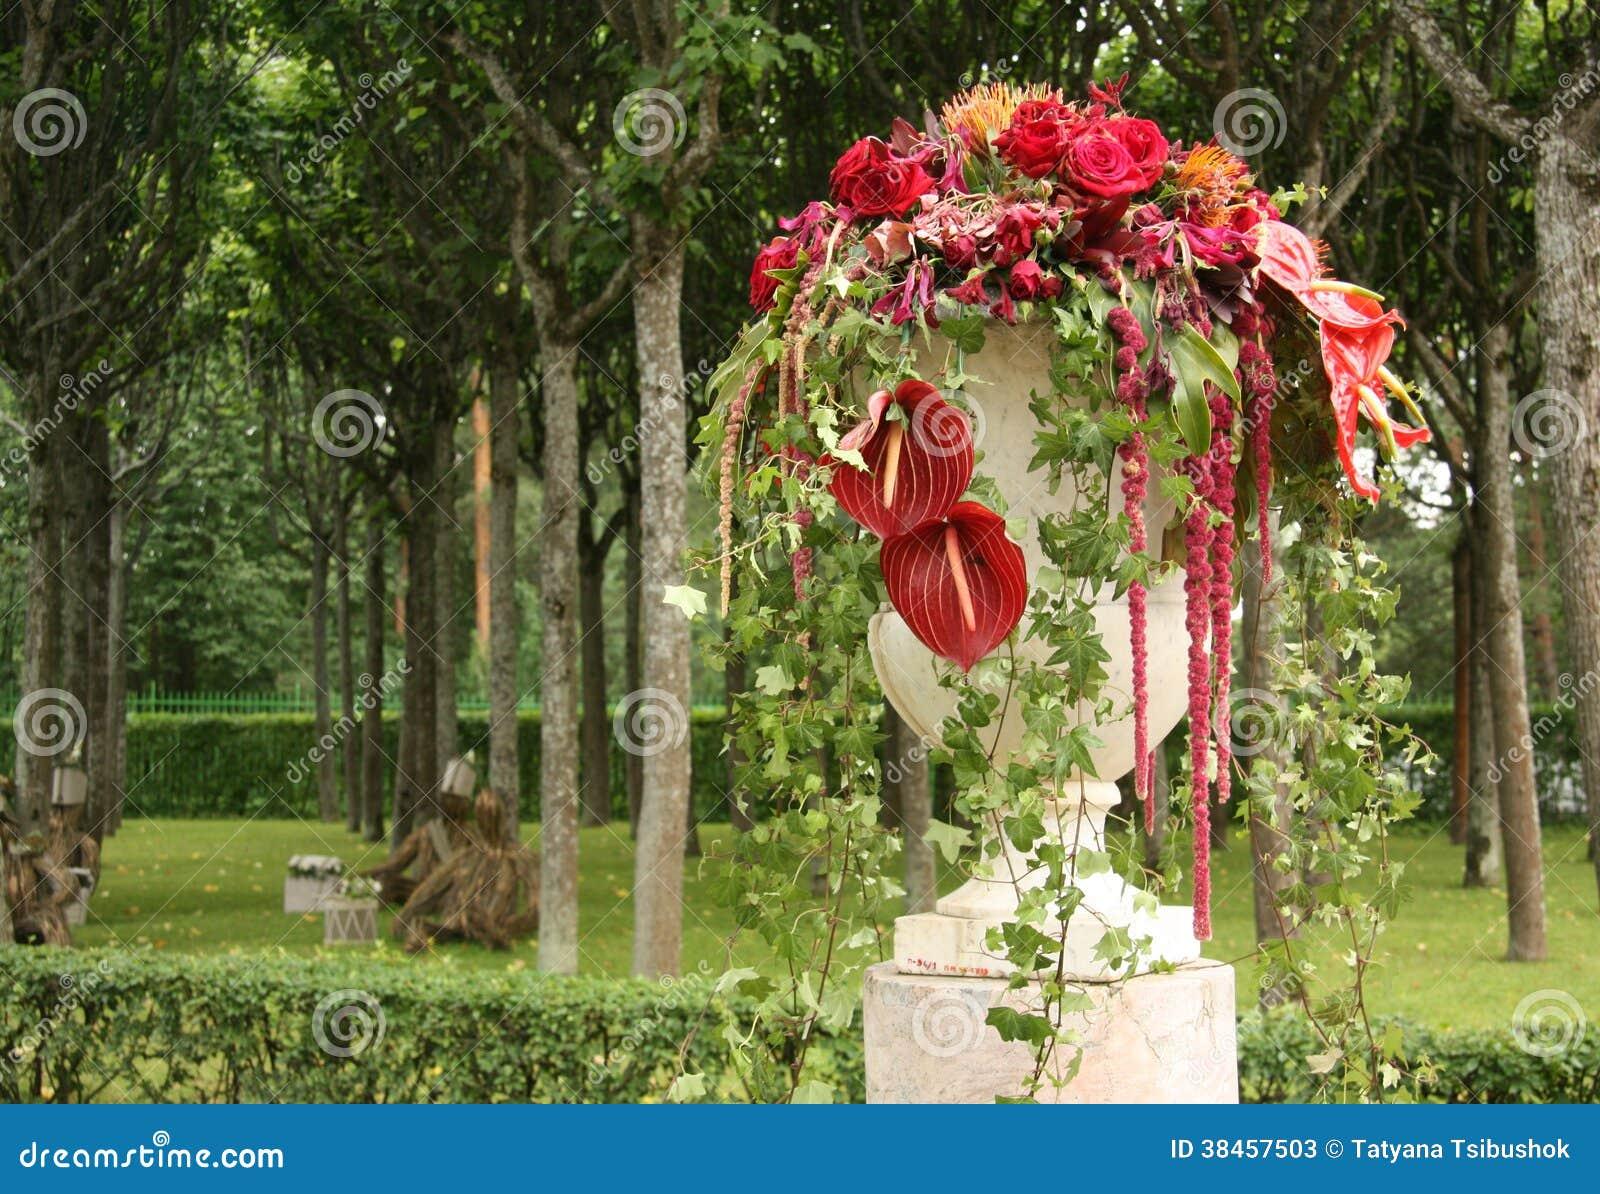 grande com as flores no jardim de pavlovsk rússia mr no pr no 2 313 2